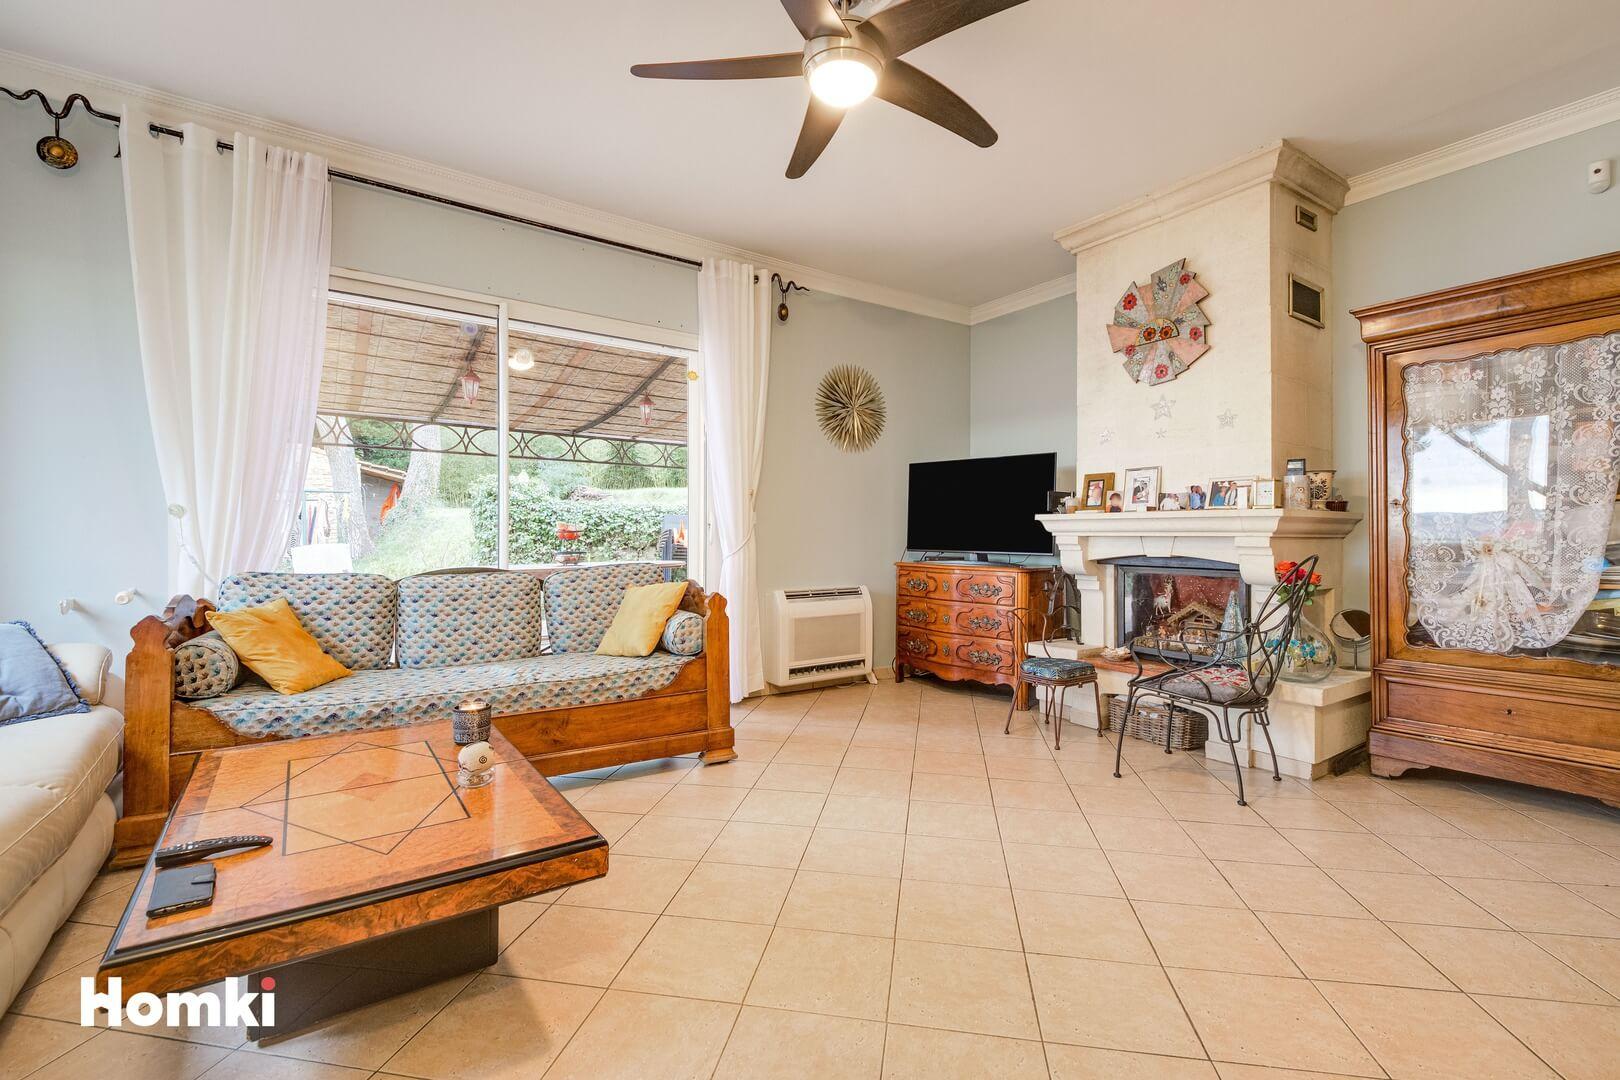 Homki - Vente Maison/villa  de 94.0 m² à Istres 13800